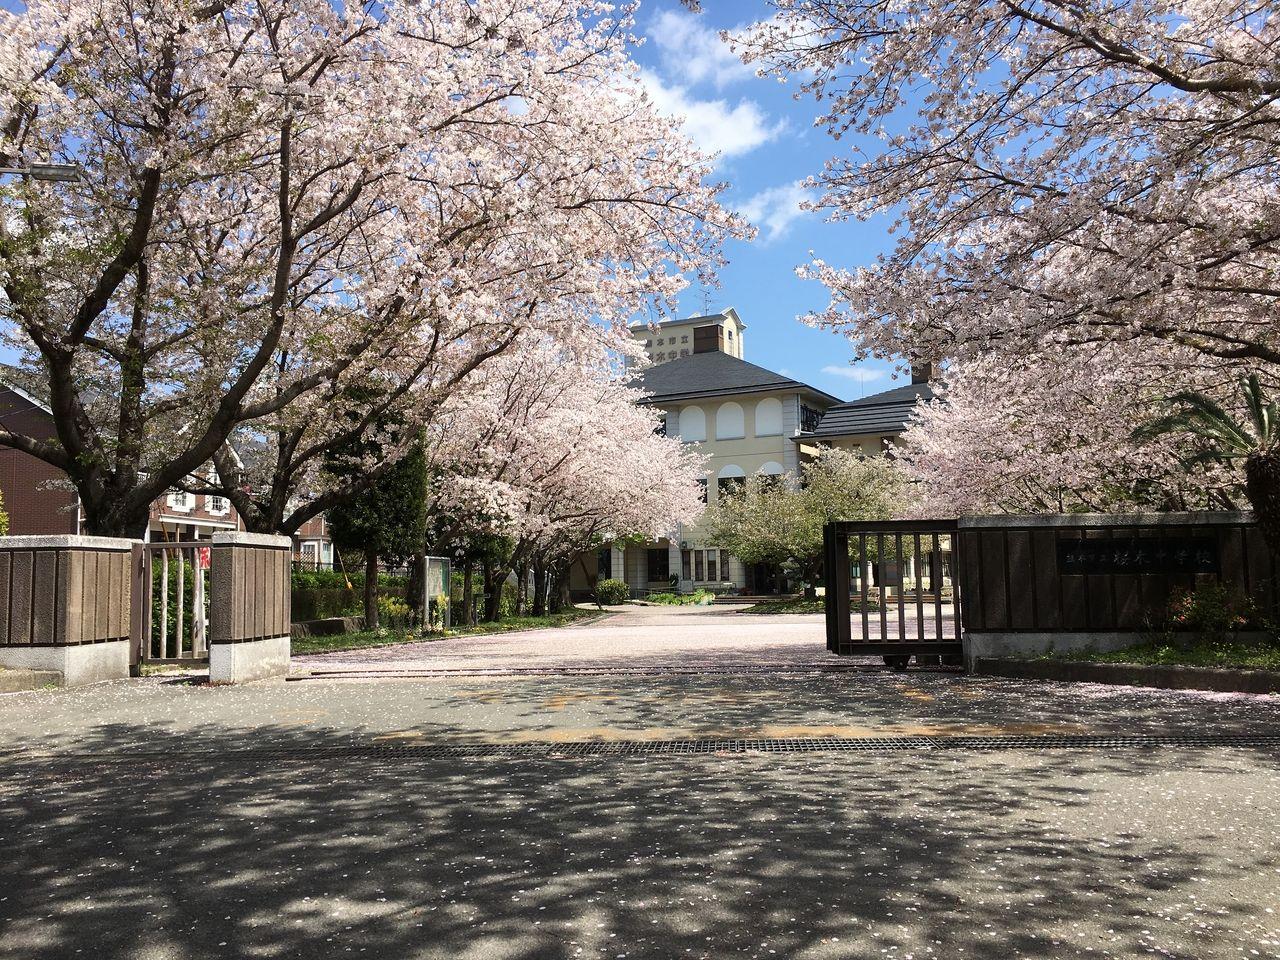 満開のさくら咲く桜木中学校正門